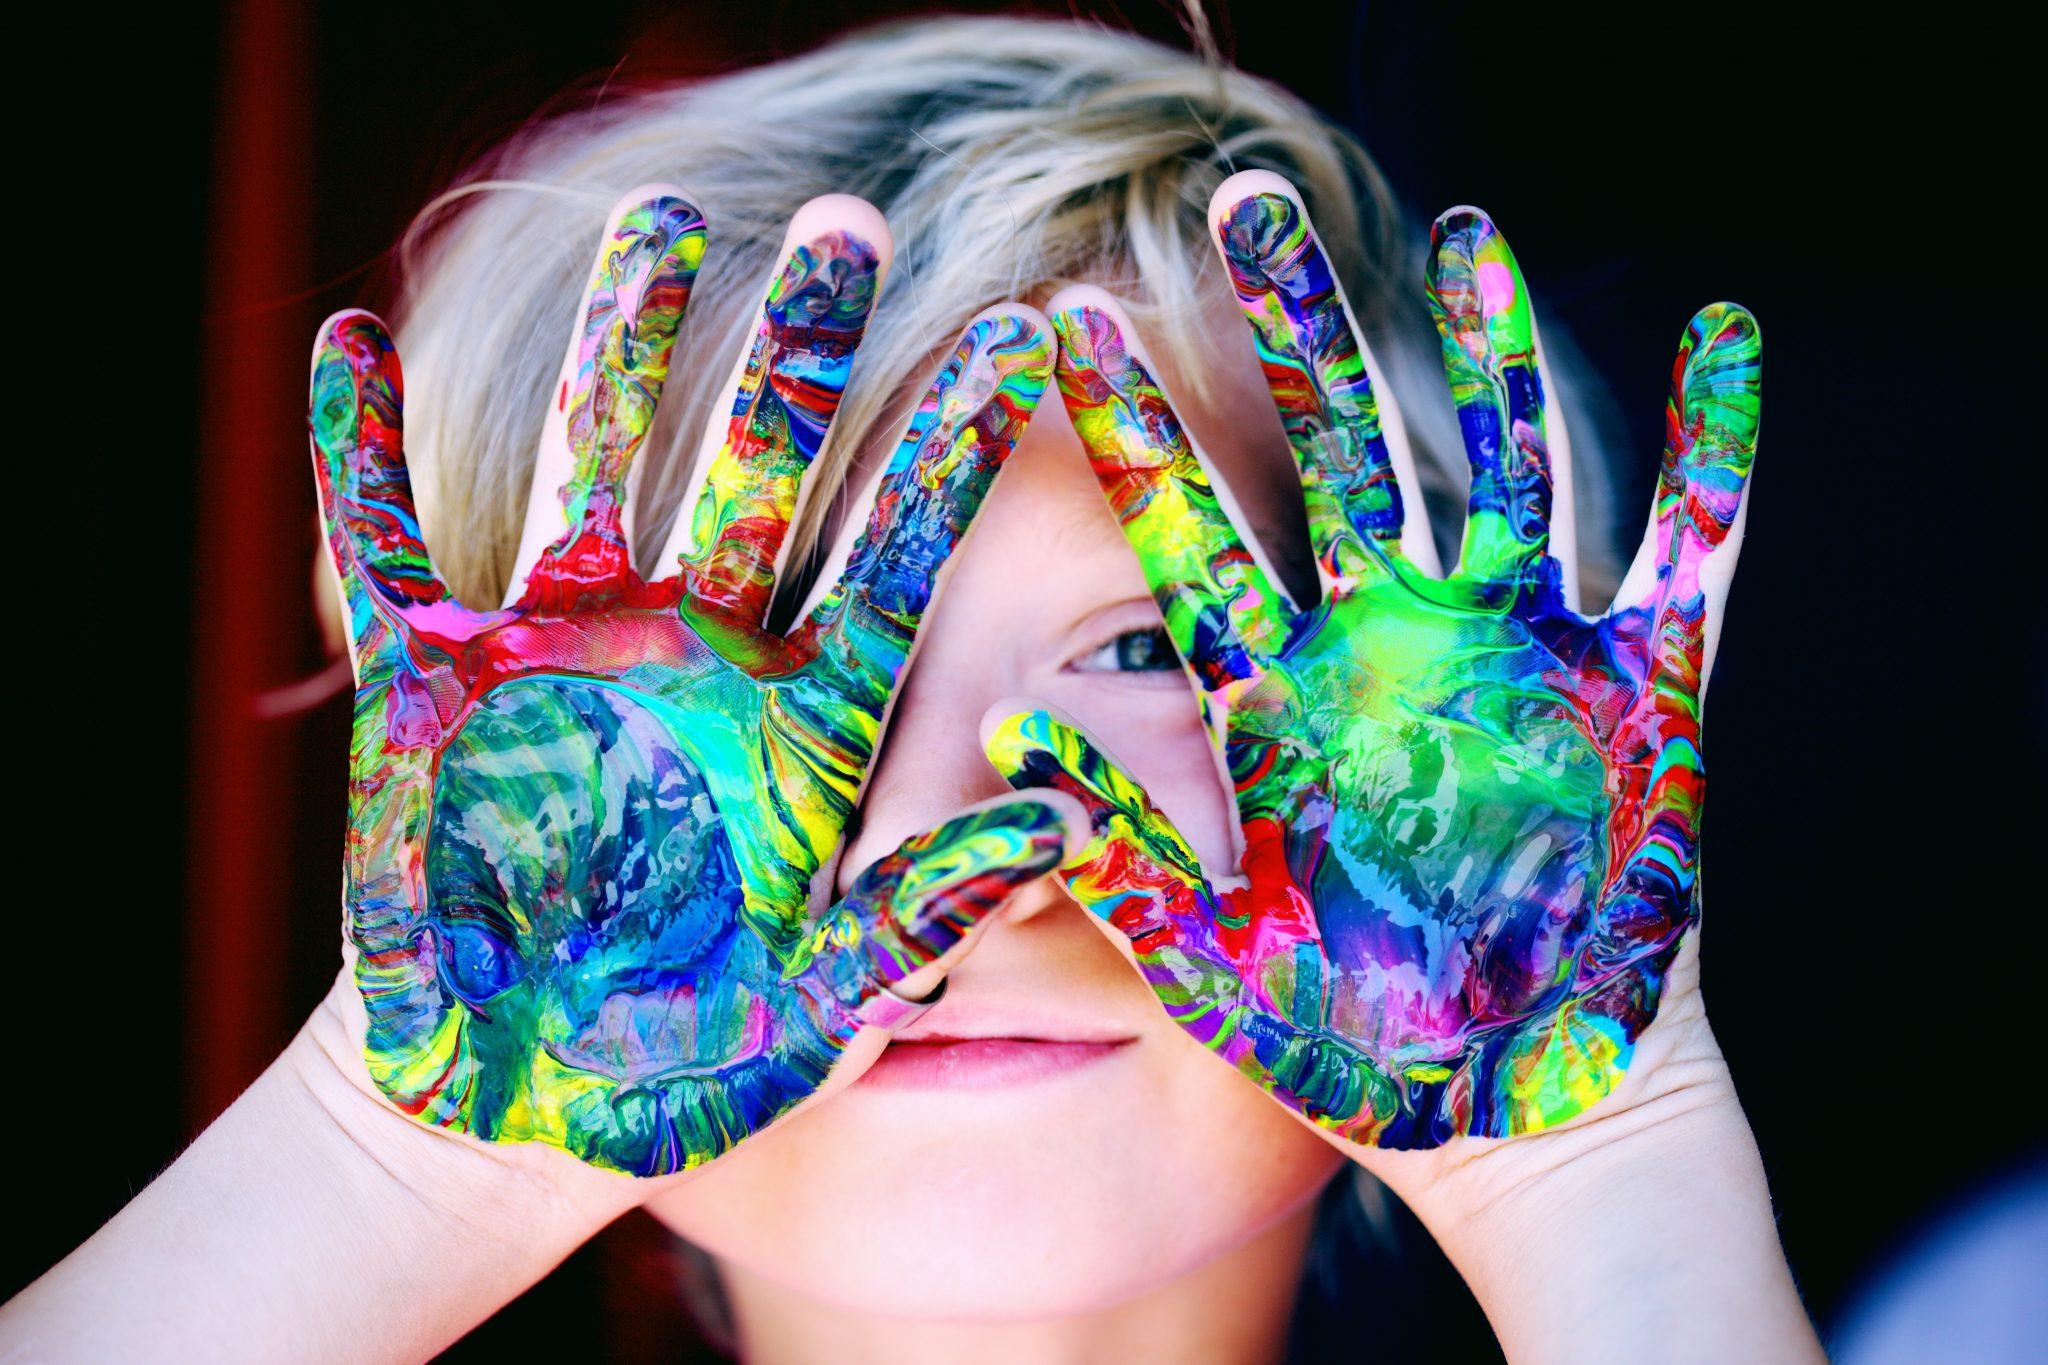 Hände, Farbe, Mädchen, Checkliste, Freizeit, Malen, Basteln